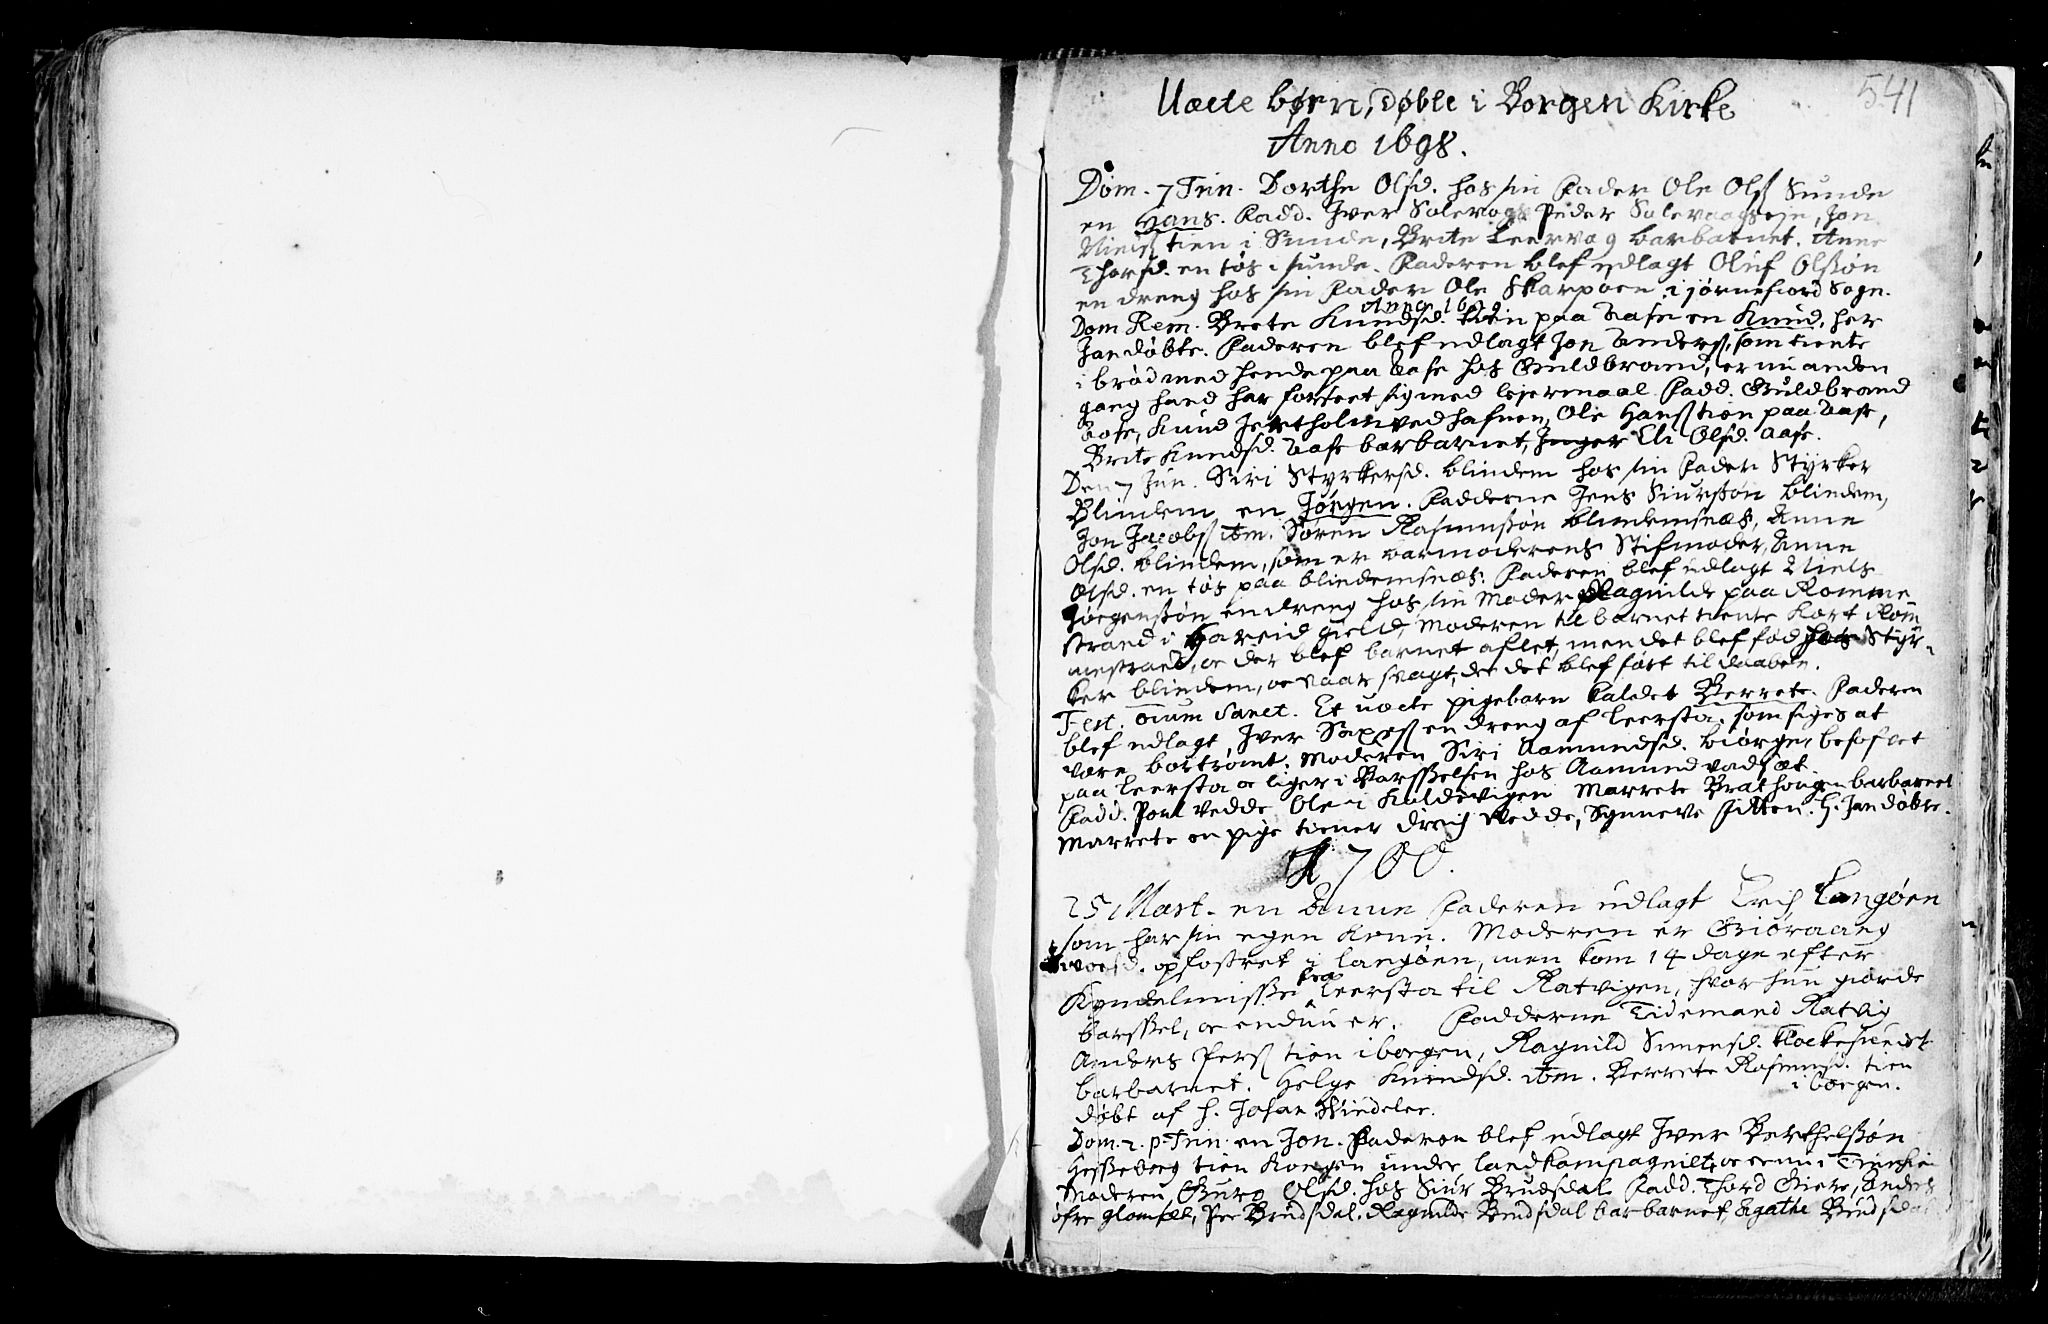 SAT, Ministerialprotokoller, klokkerbøker og fødselsregistre - Møre og Romsdal, 528/L0390: Ministerialbok nr. 528A01, 1698-1739, s. 540-541